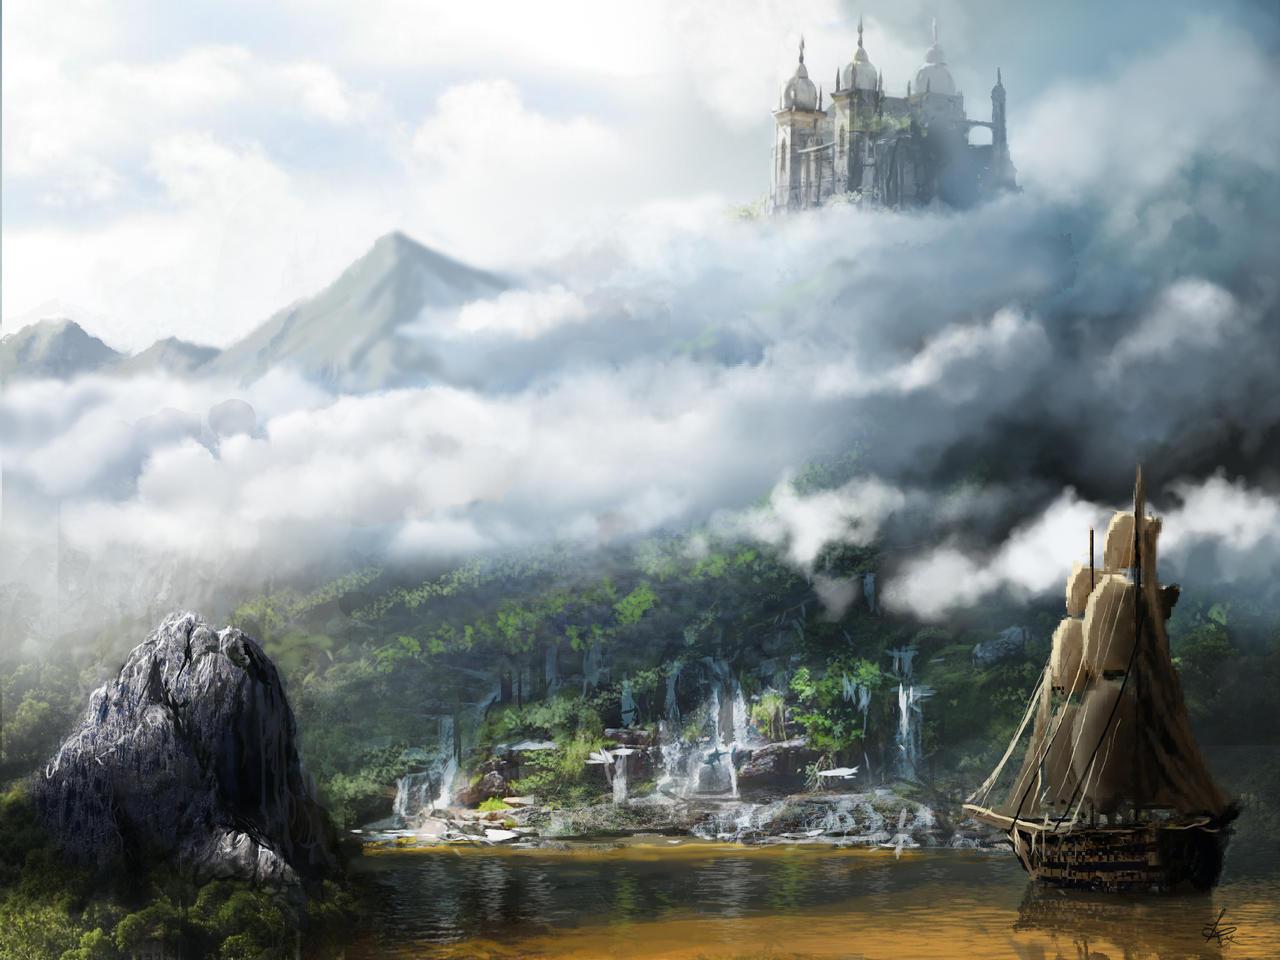 Casterly Rock by jjpeabody